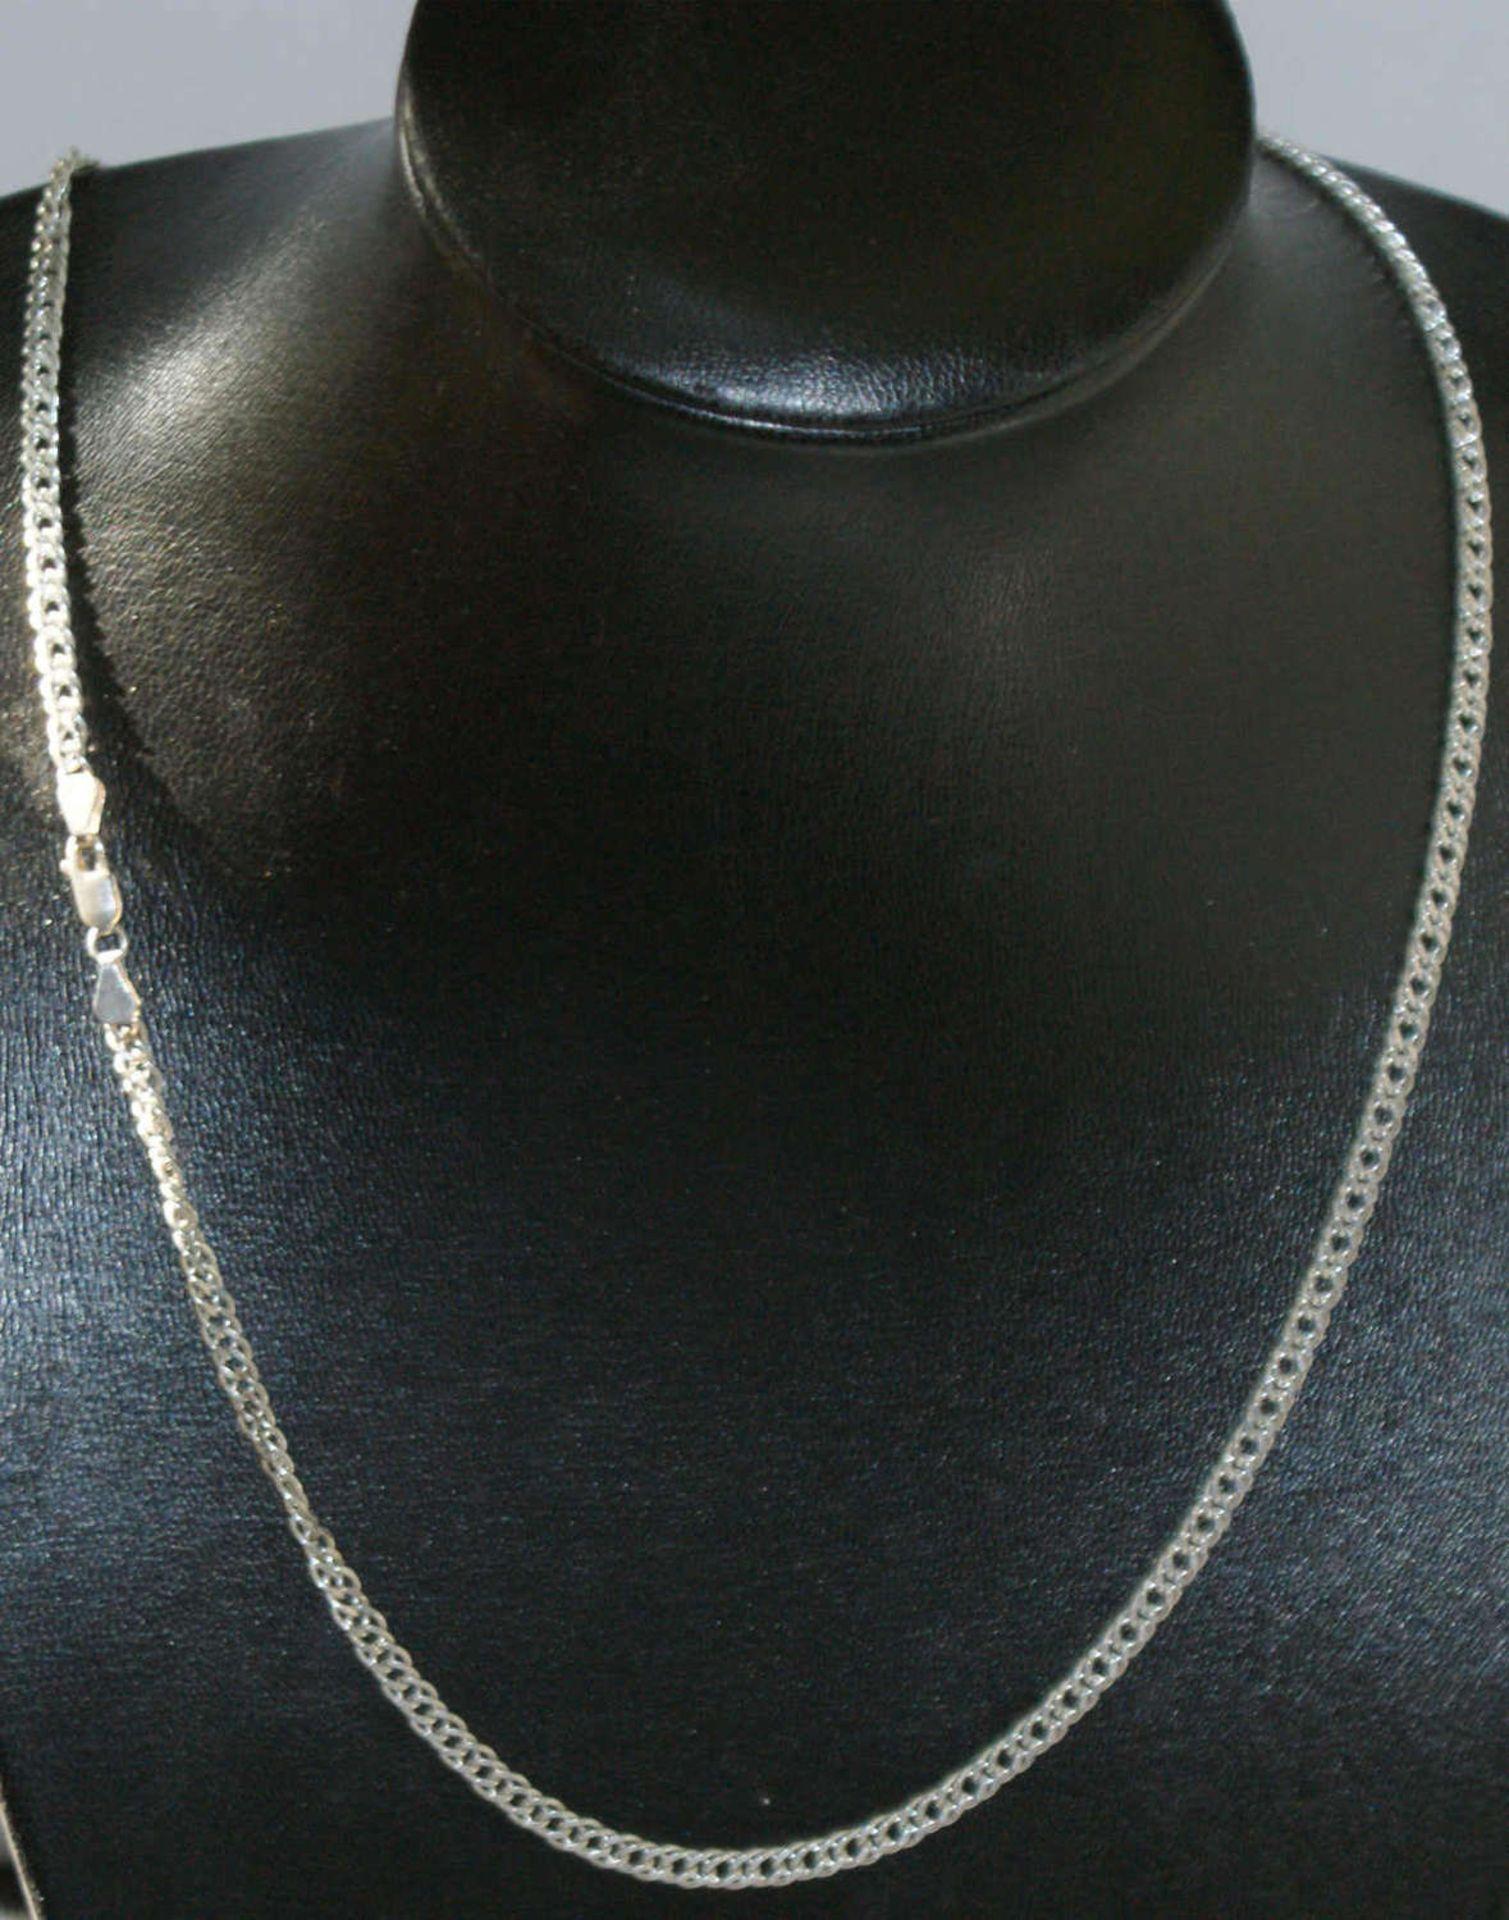 Schmuckset, 925er Silber, bestehend aus 1 Kette, Länge ca. 44 cm, sowie 1 Armband ca. 19 cm. Gewicht